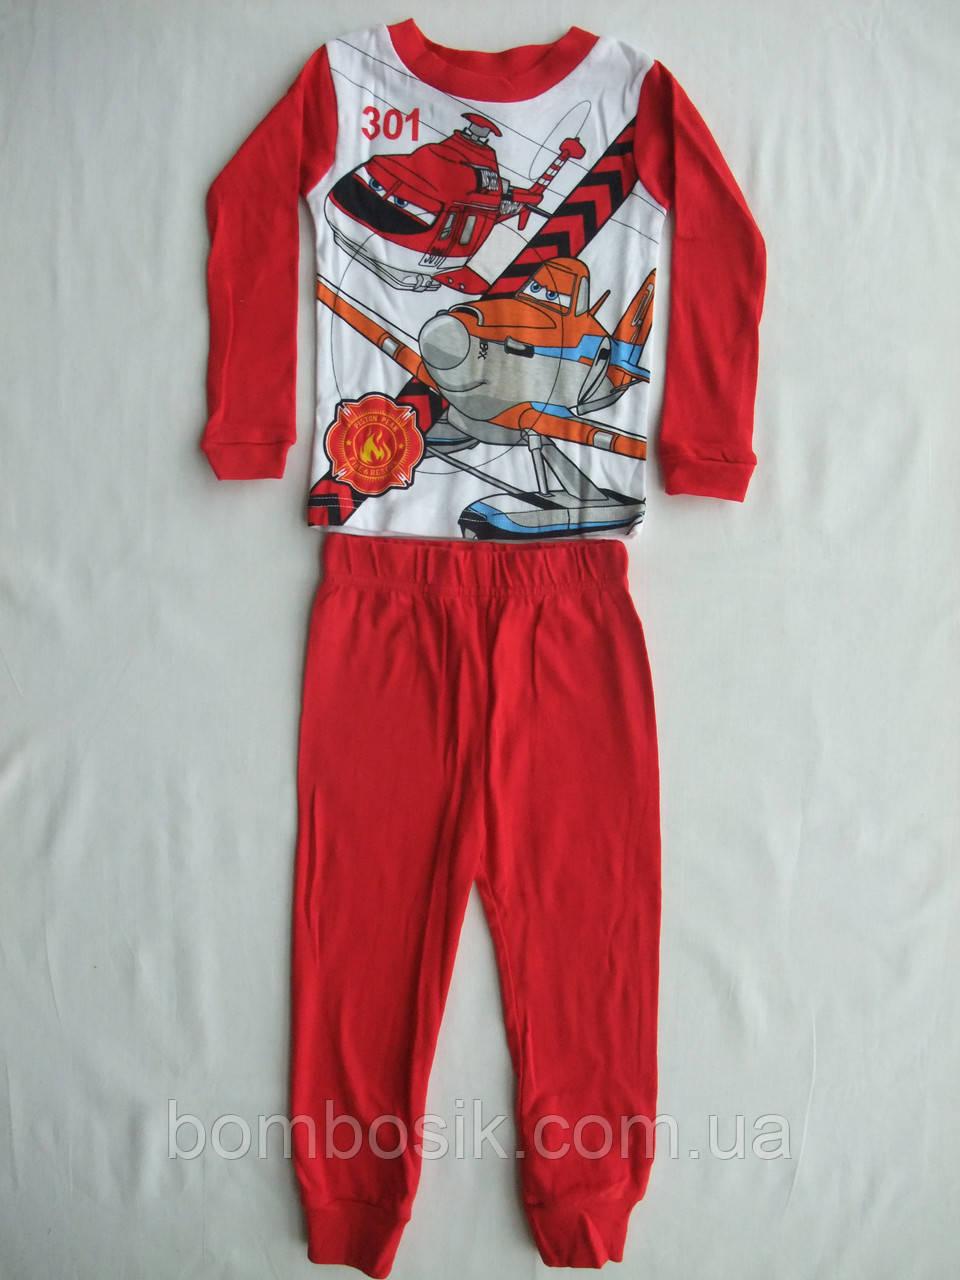 Піжама для хлопчика Літачки: